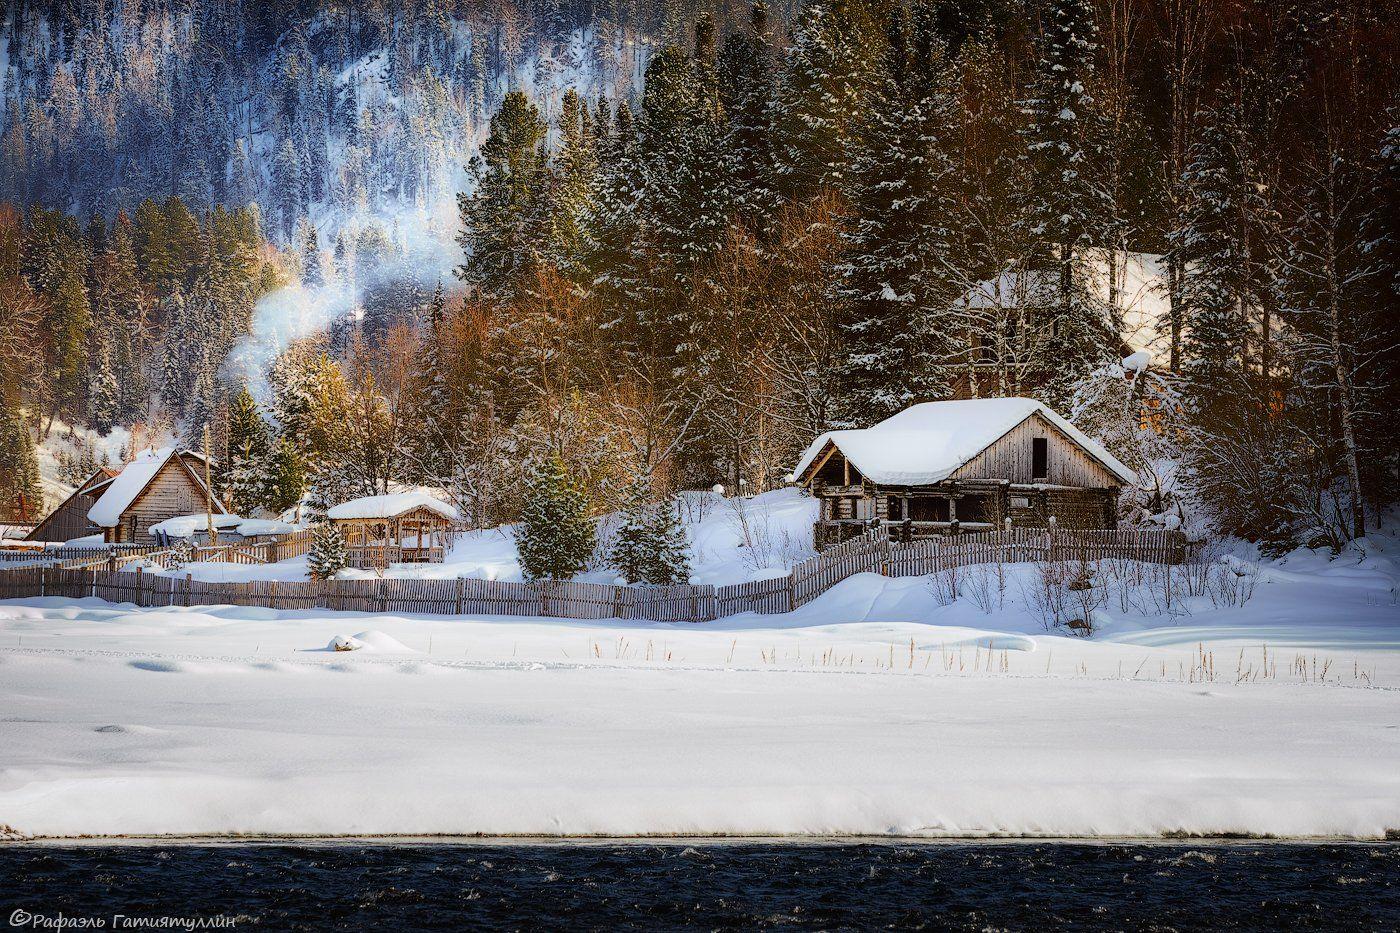 республика алтай, горный алтай, горы, телецкое, озеро, зима, иогач, артыбаш., Рафаэль Гатиятуллин